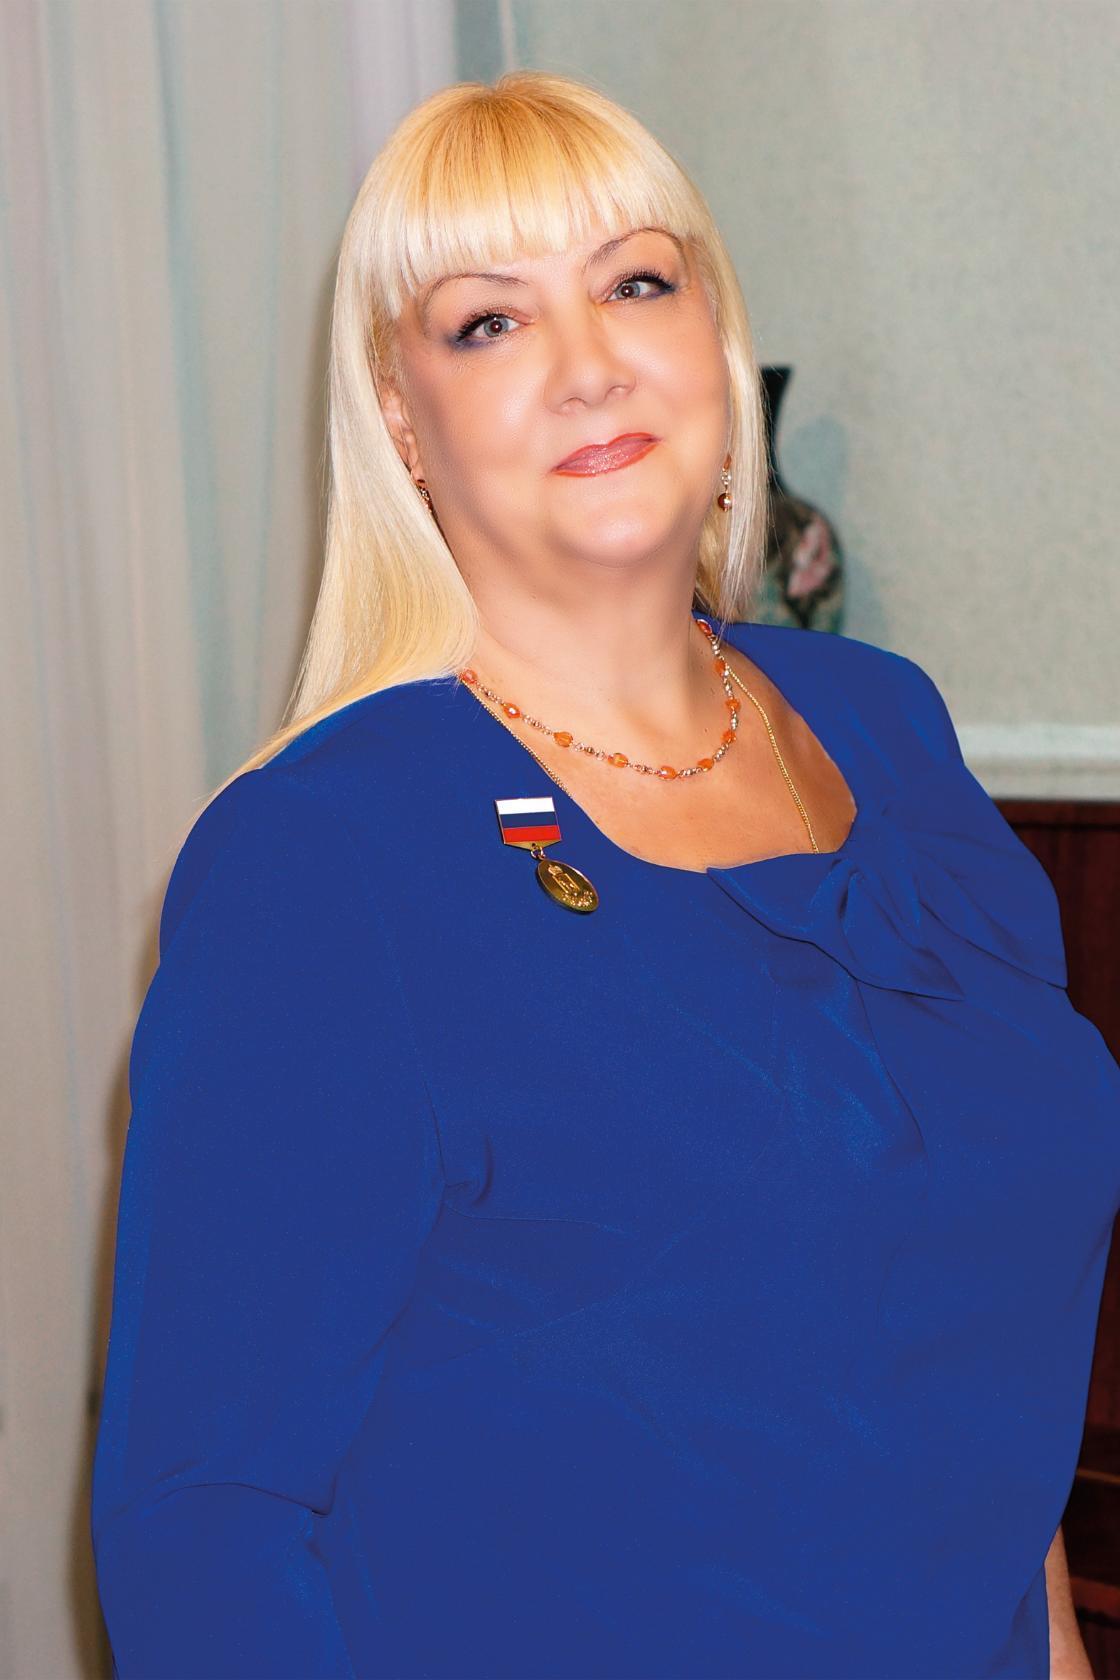 Ляховская Ольга Борисовна